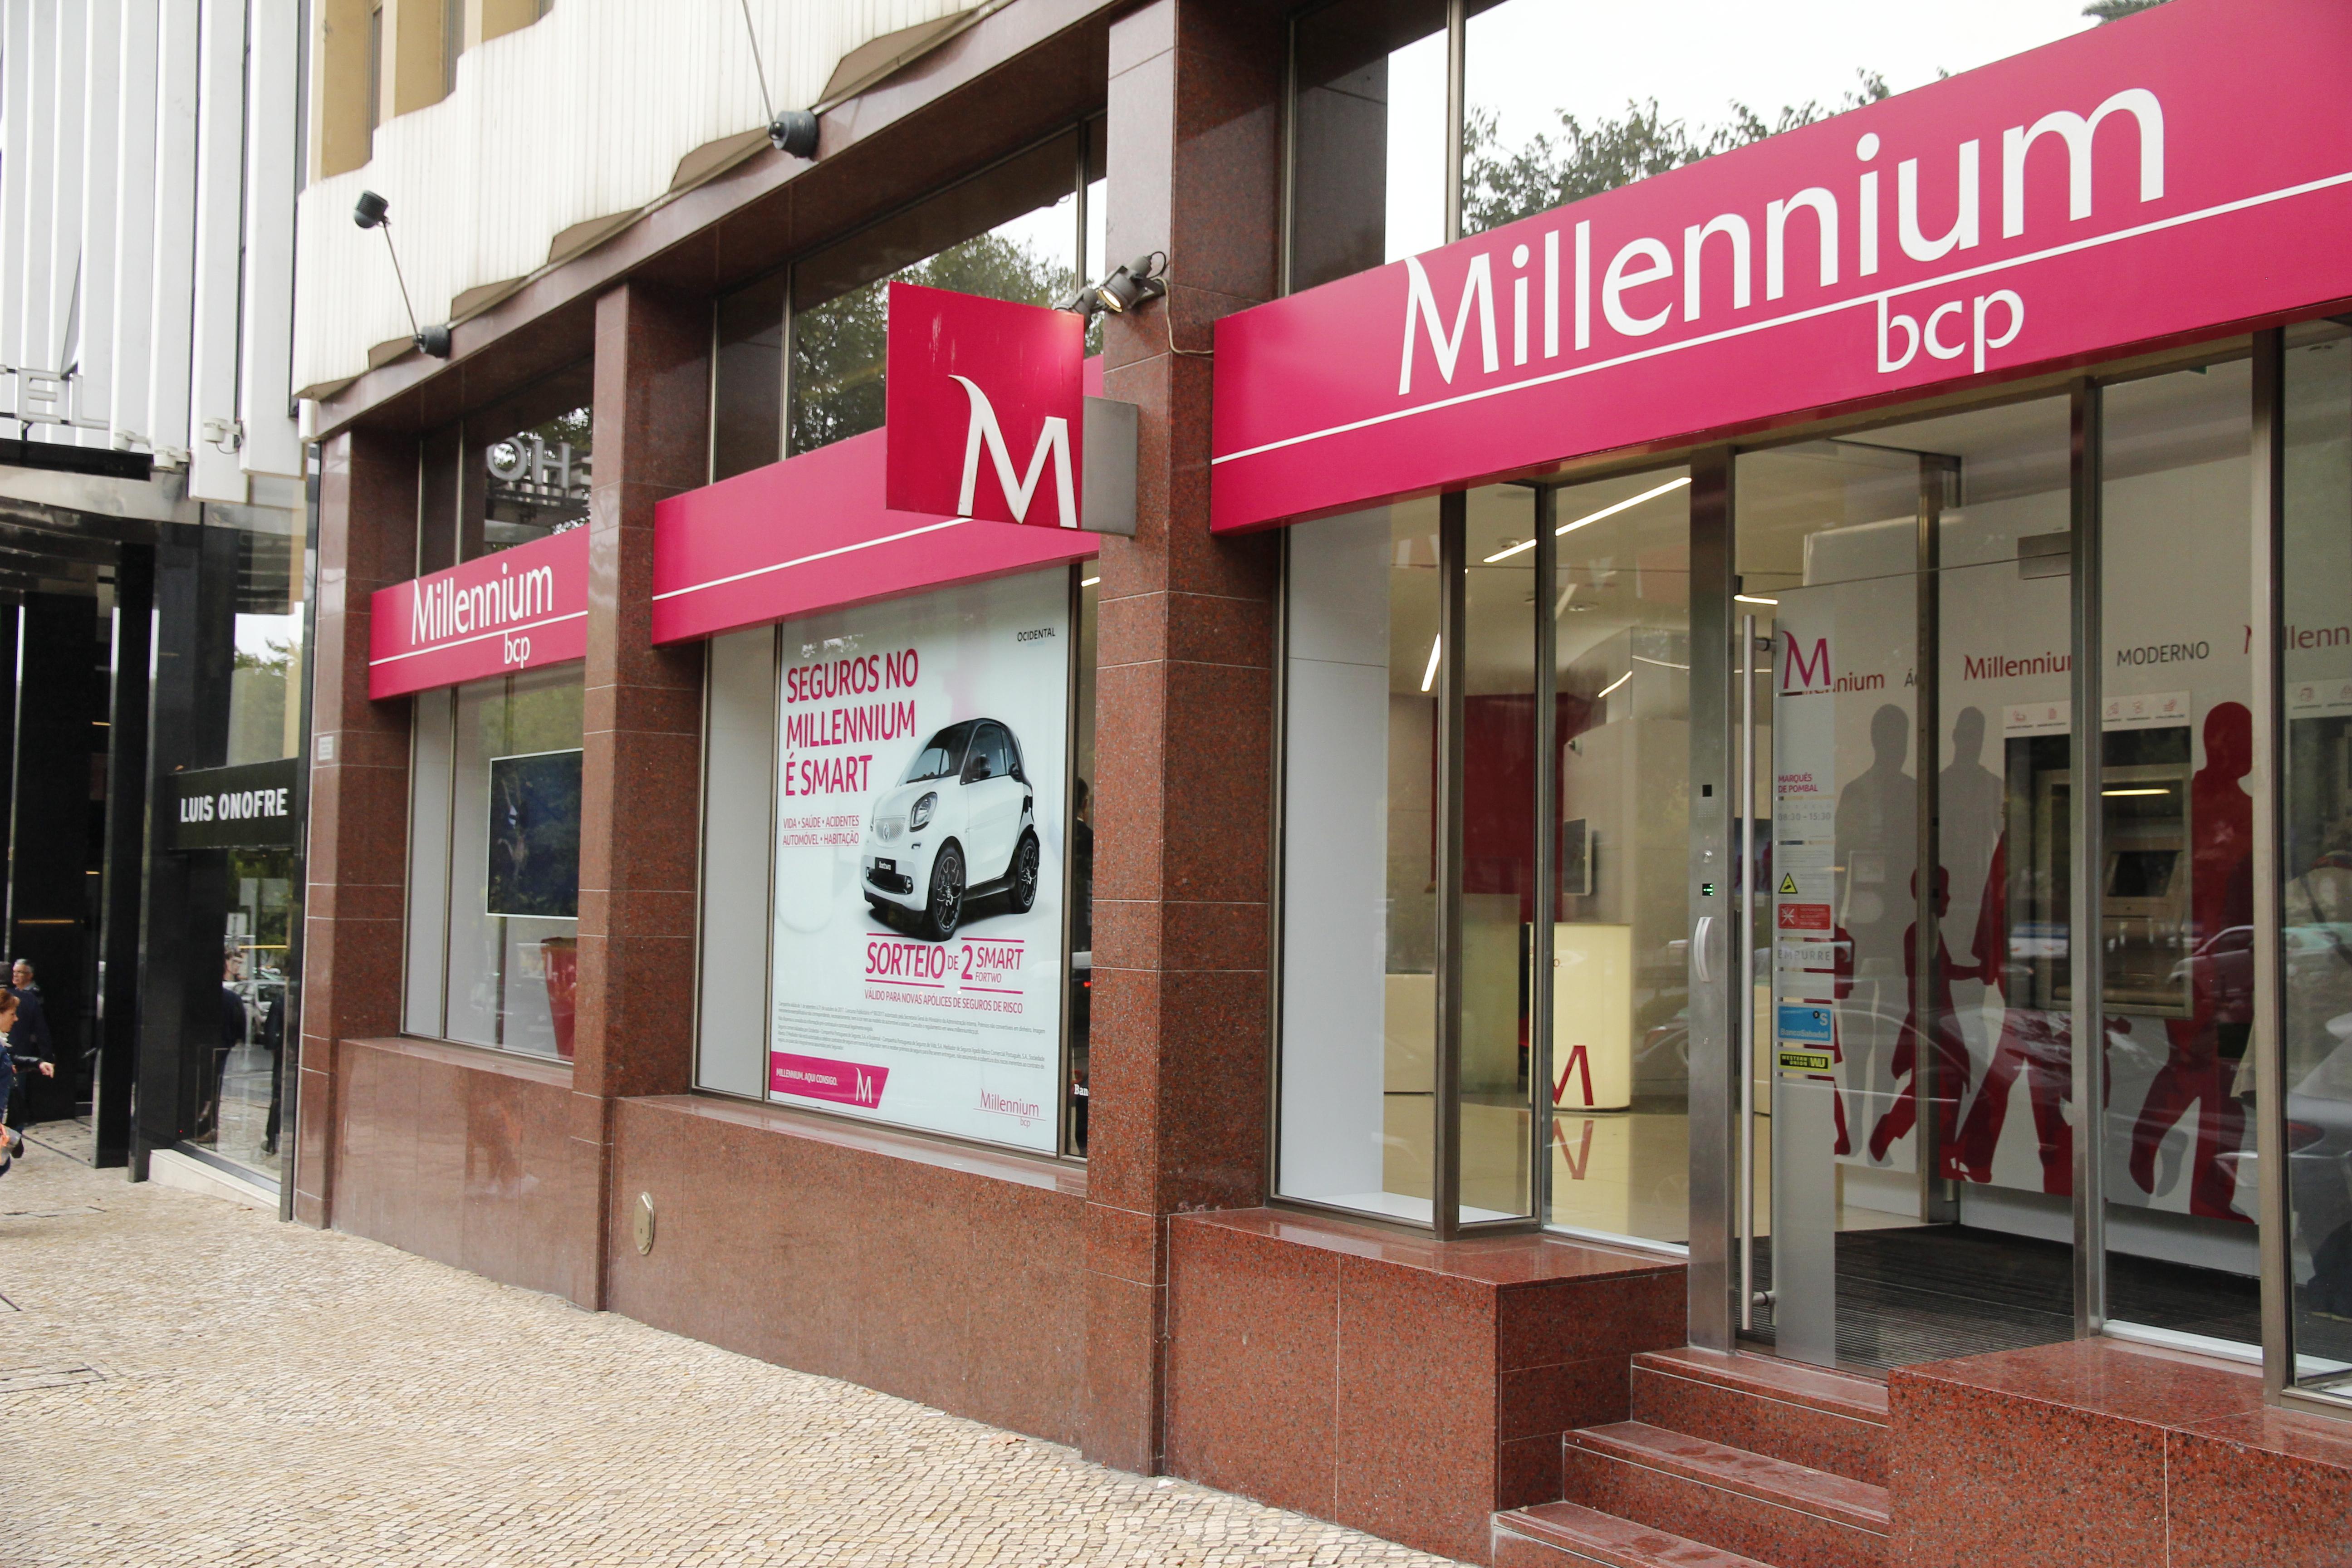 Lucros dos ccinco principais bancos sediados em Portugal